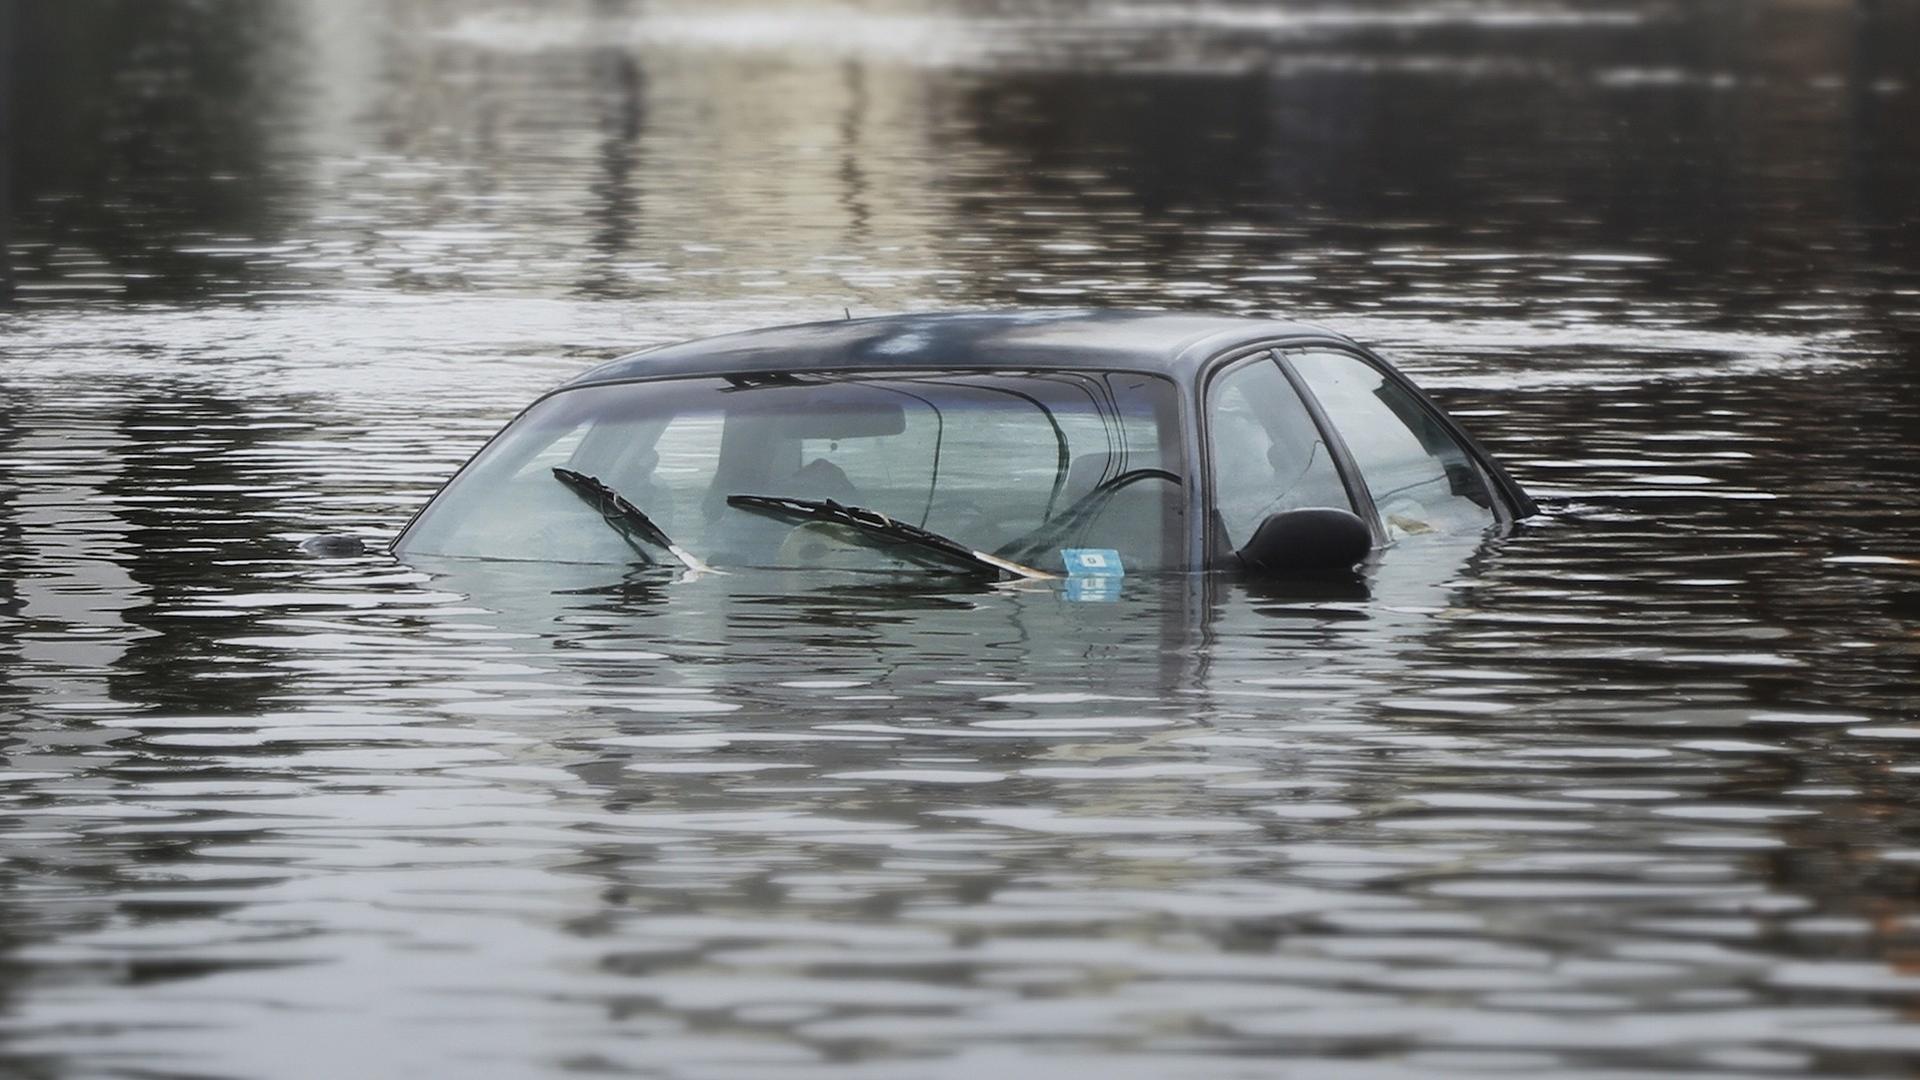 Lalu bagaimana Jika Mobil Sudah Terendam Banjir? OTR.id